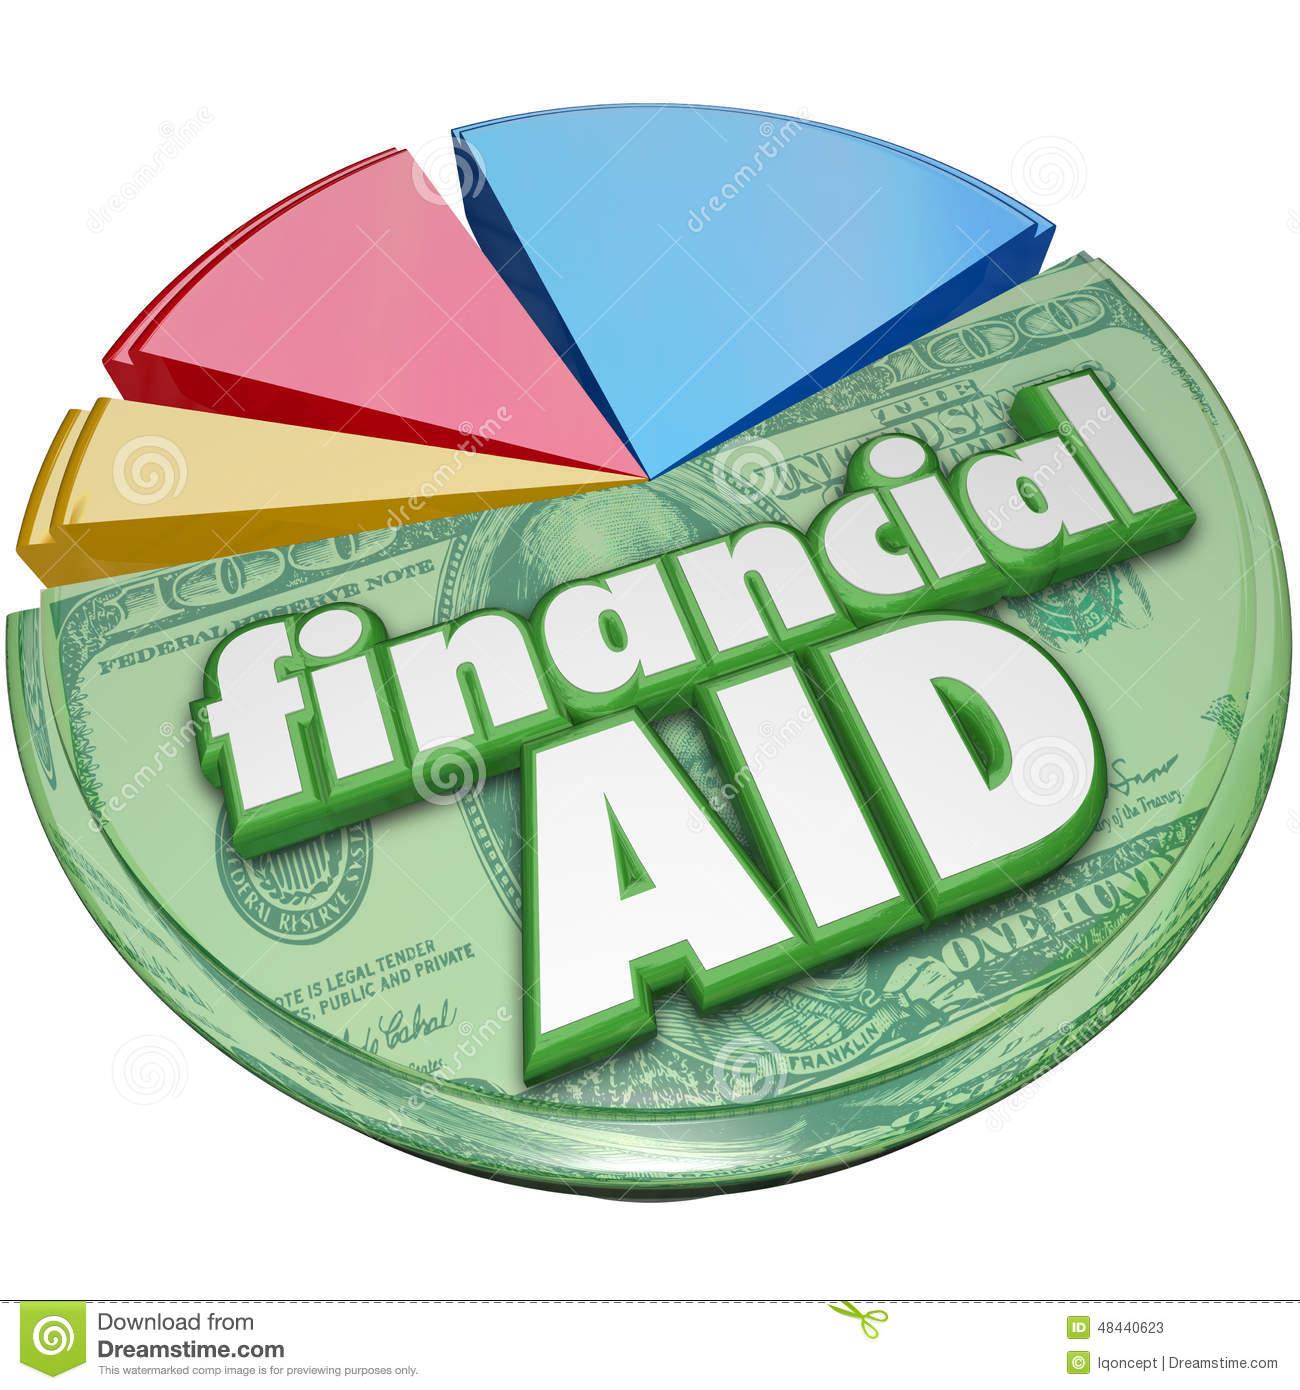 Financial Aid Clipart - Clipart Kid